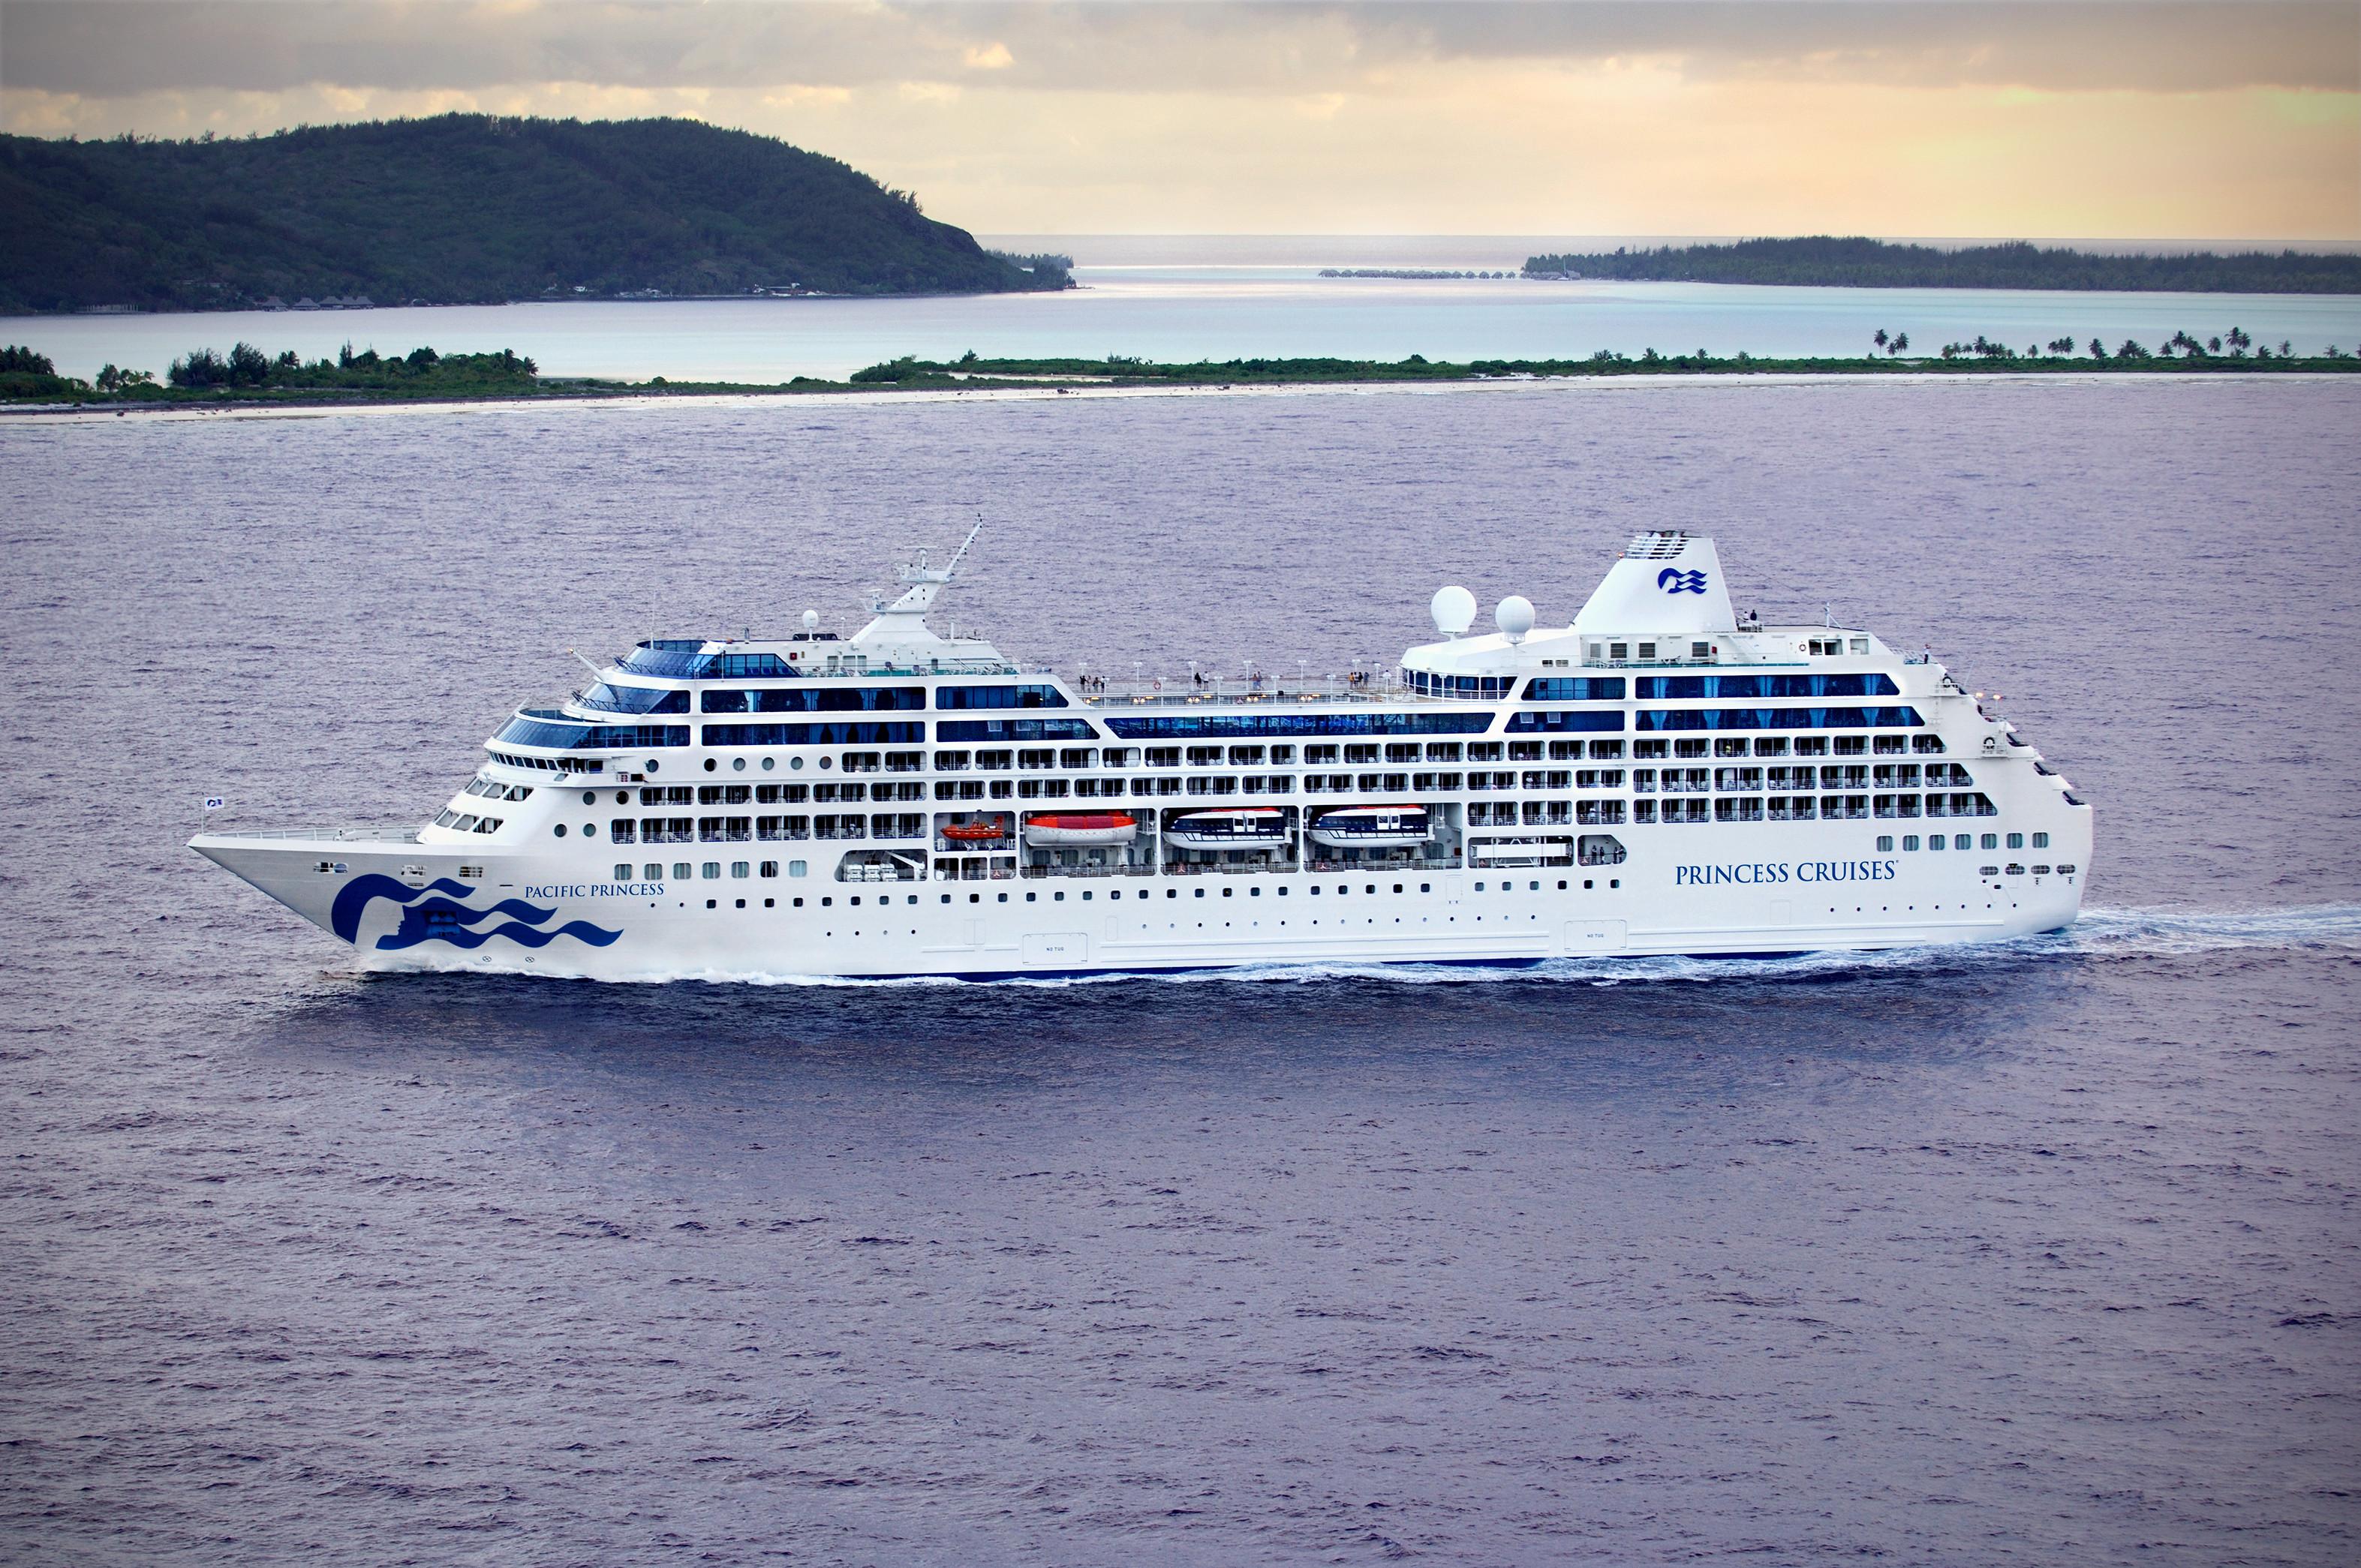 Erstmals nach fünf Jahren wird Princess Cruises im Herbst 2020 Polynesien ansteuern, im Oktober und November elftägige Kreuzfahrten ab/bis Papeete (Tahiti)